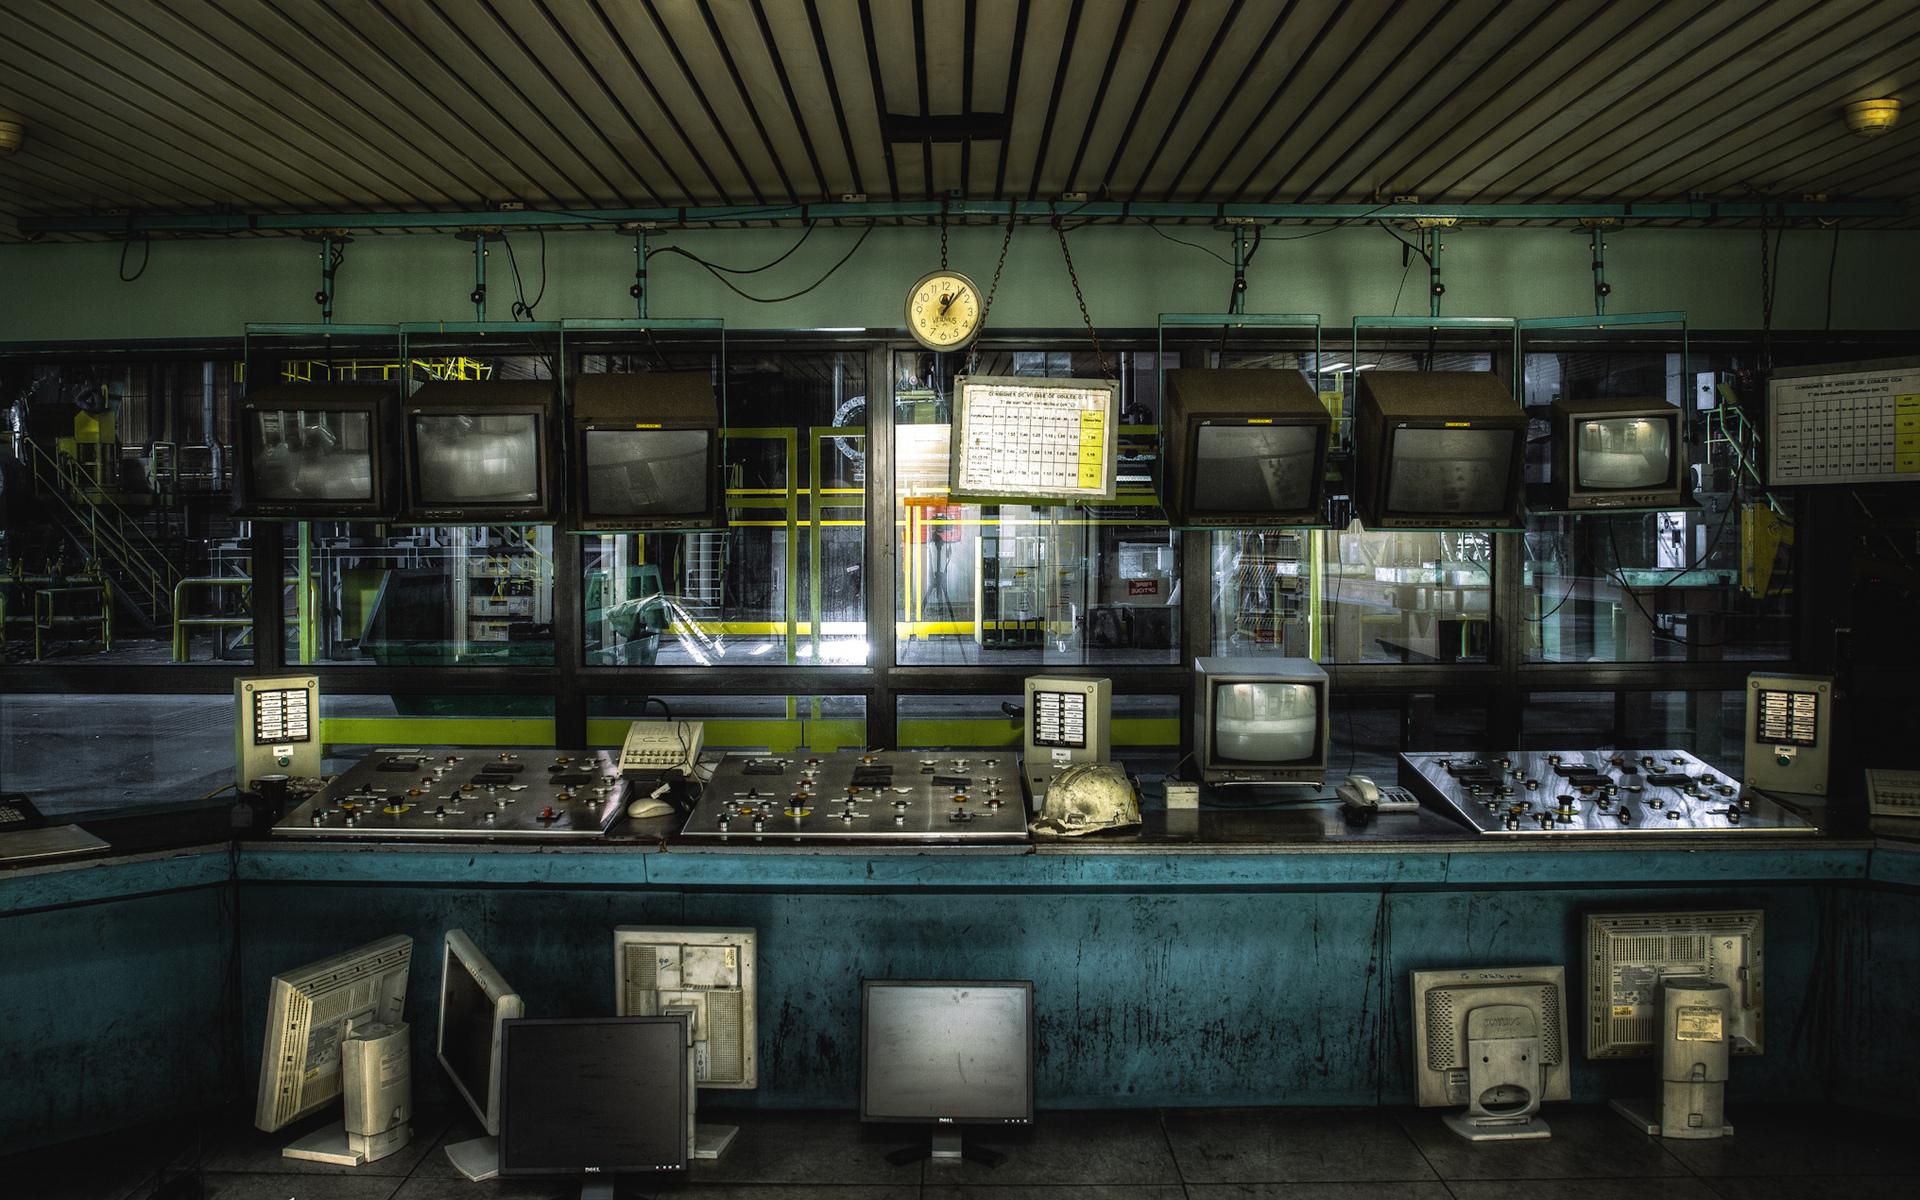 factory control room wallpaper 53910